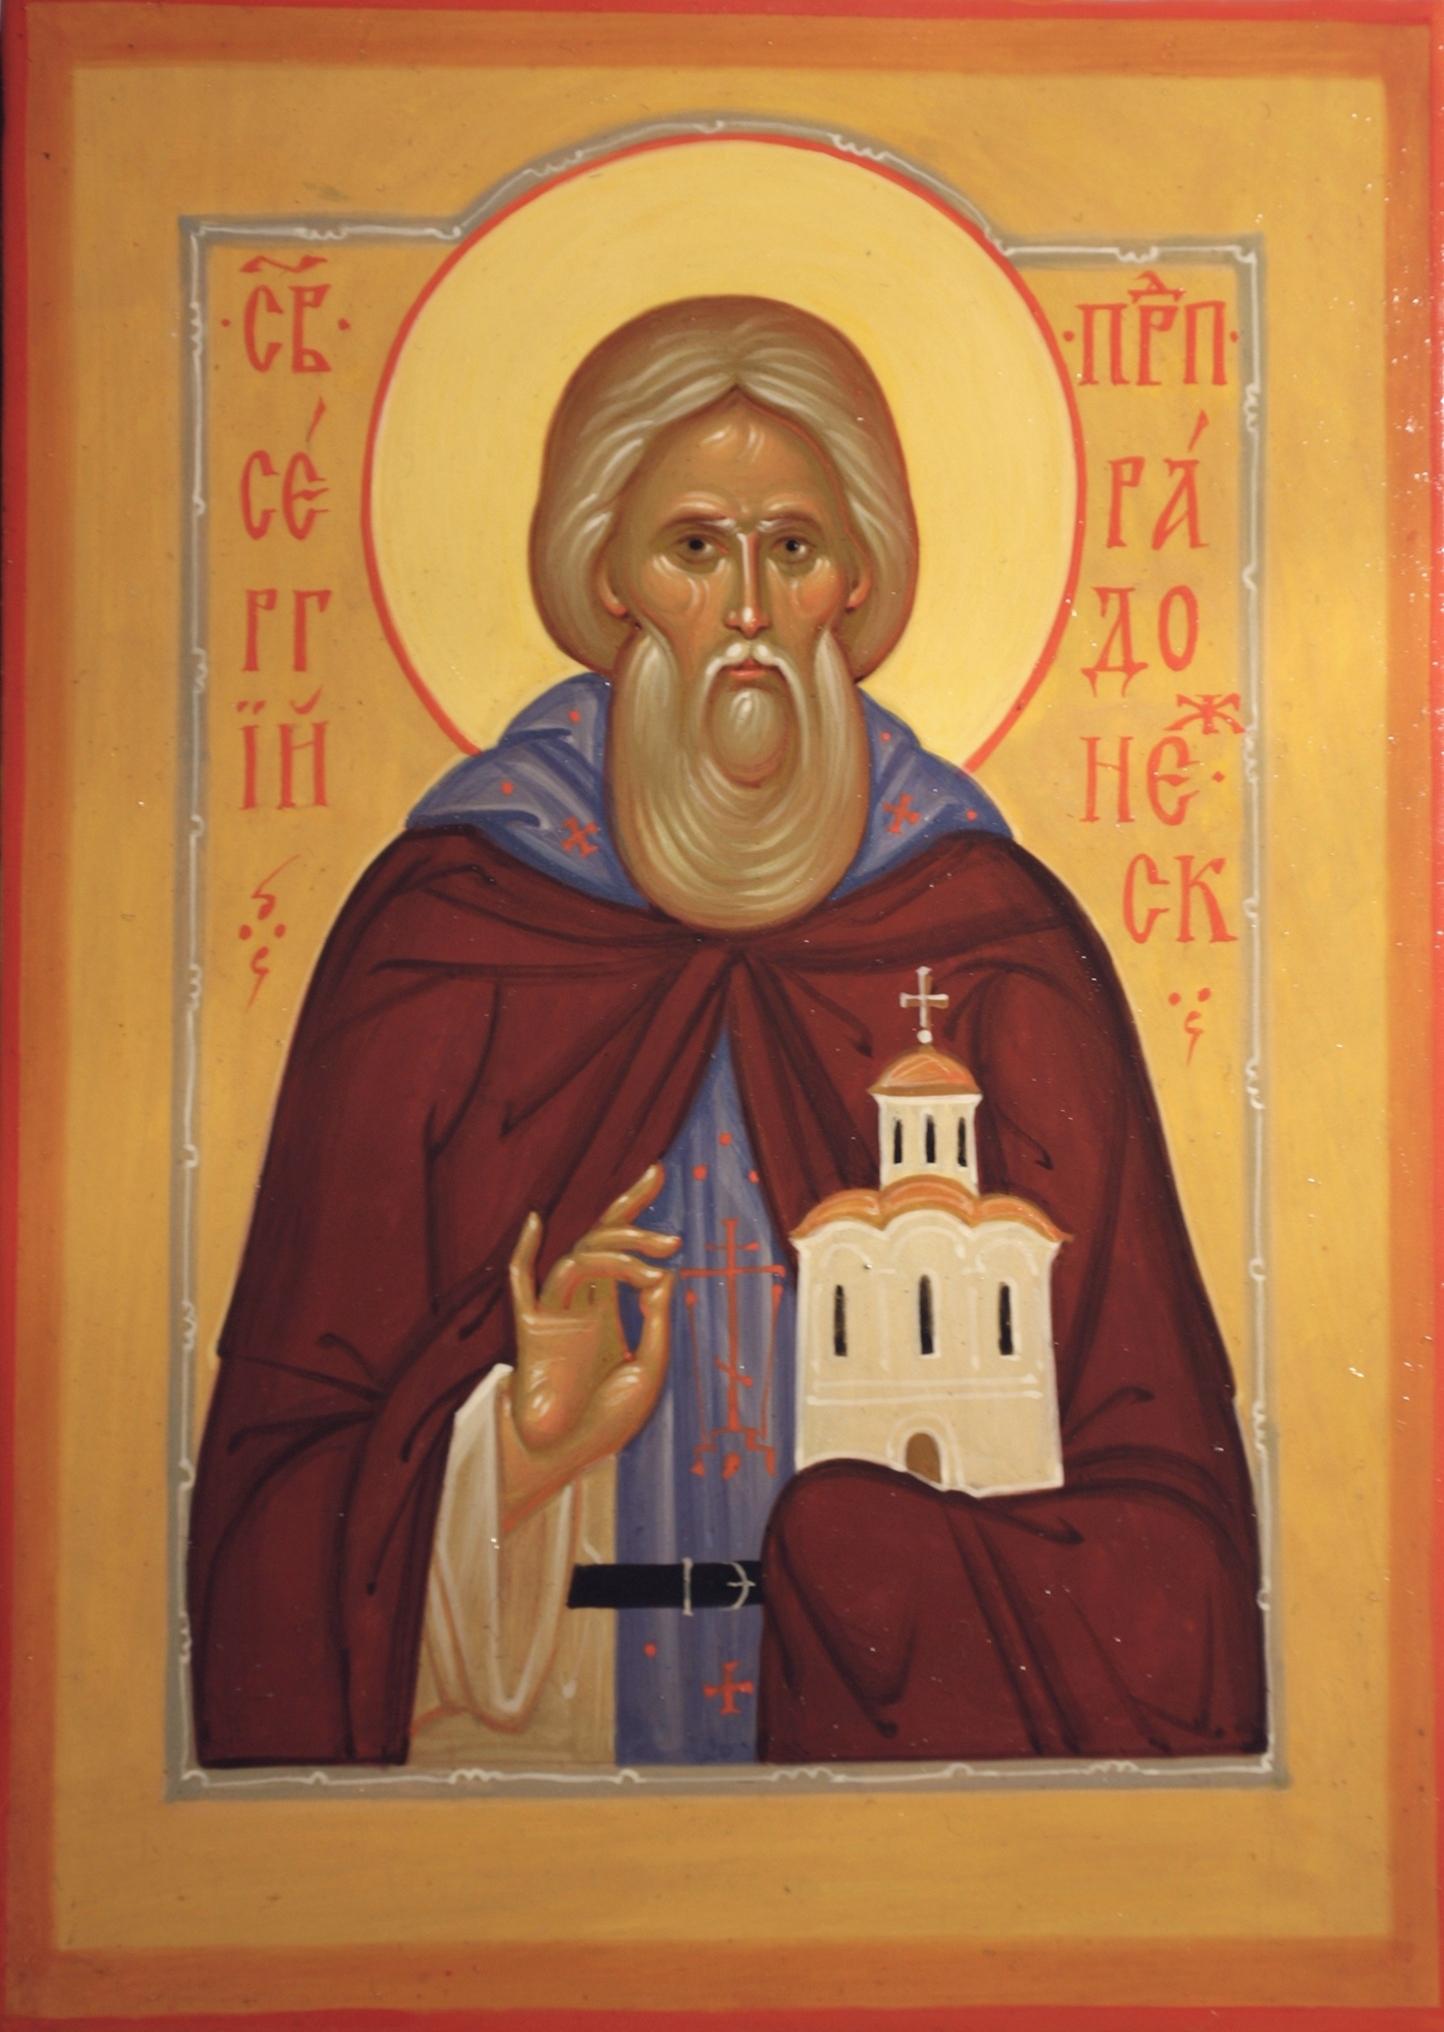 Святой Преподобный Сергий Радонежский. Иконописец Наталия Пискунова.